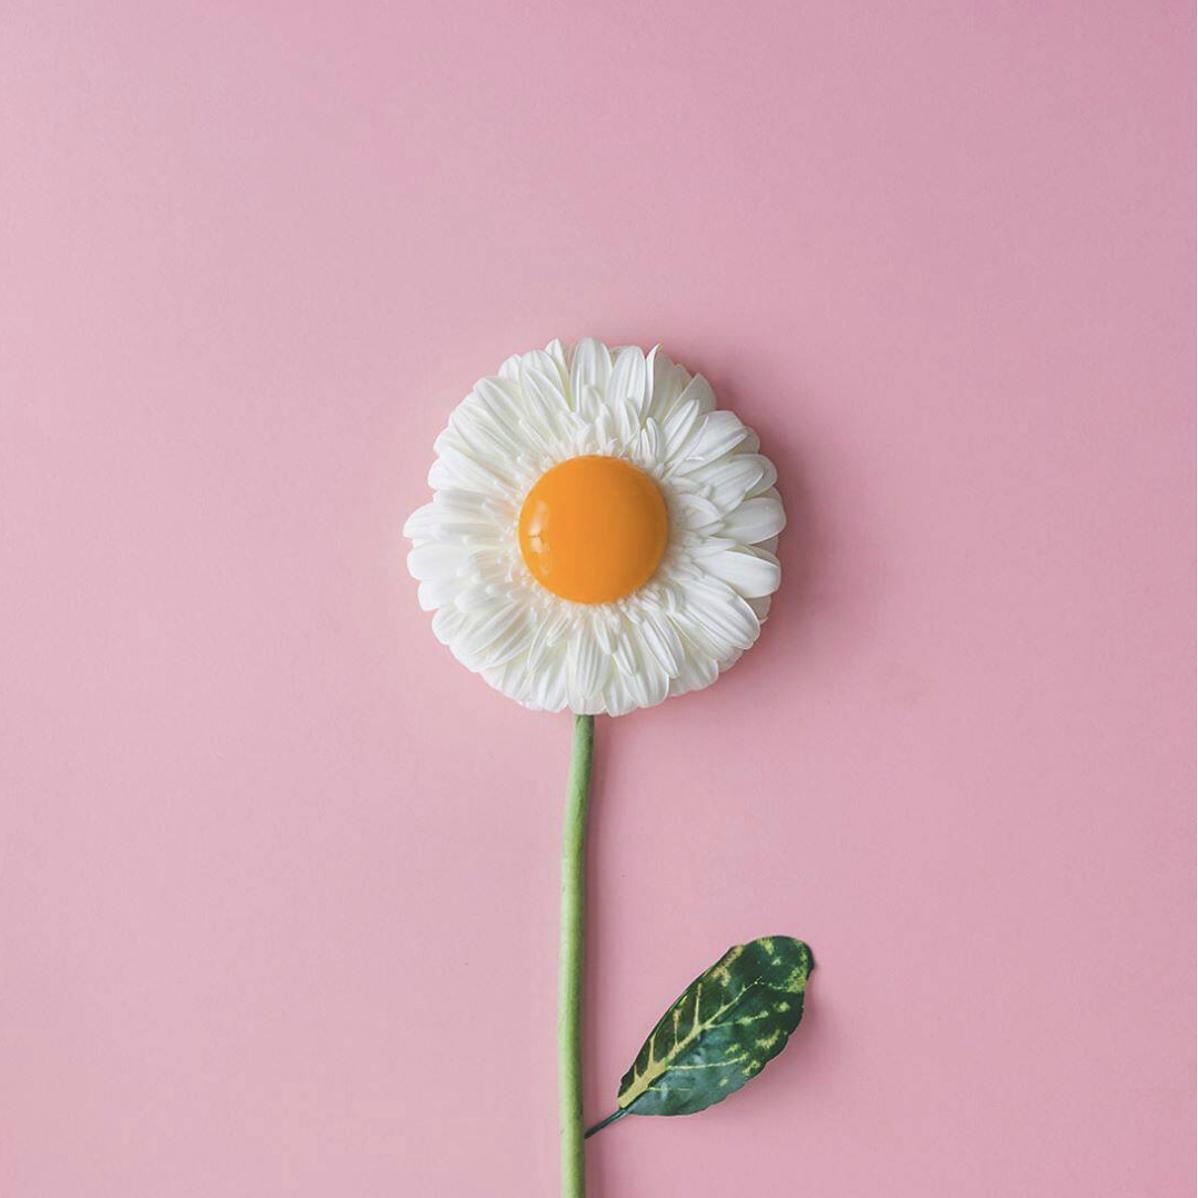 egg_daisy_flower.png